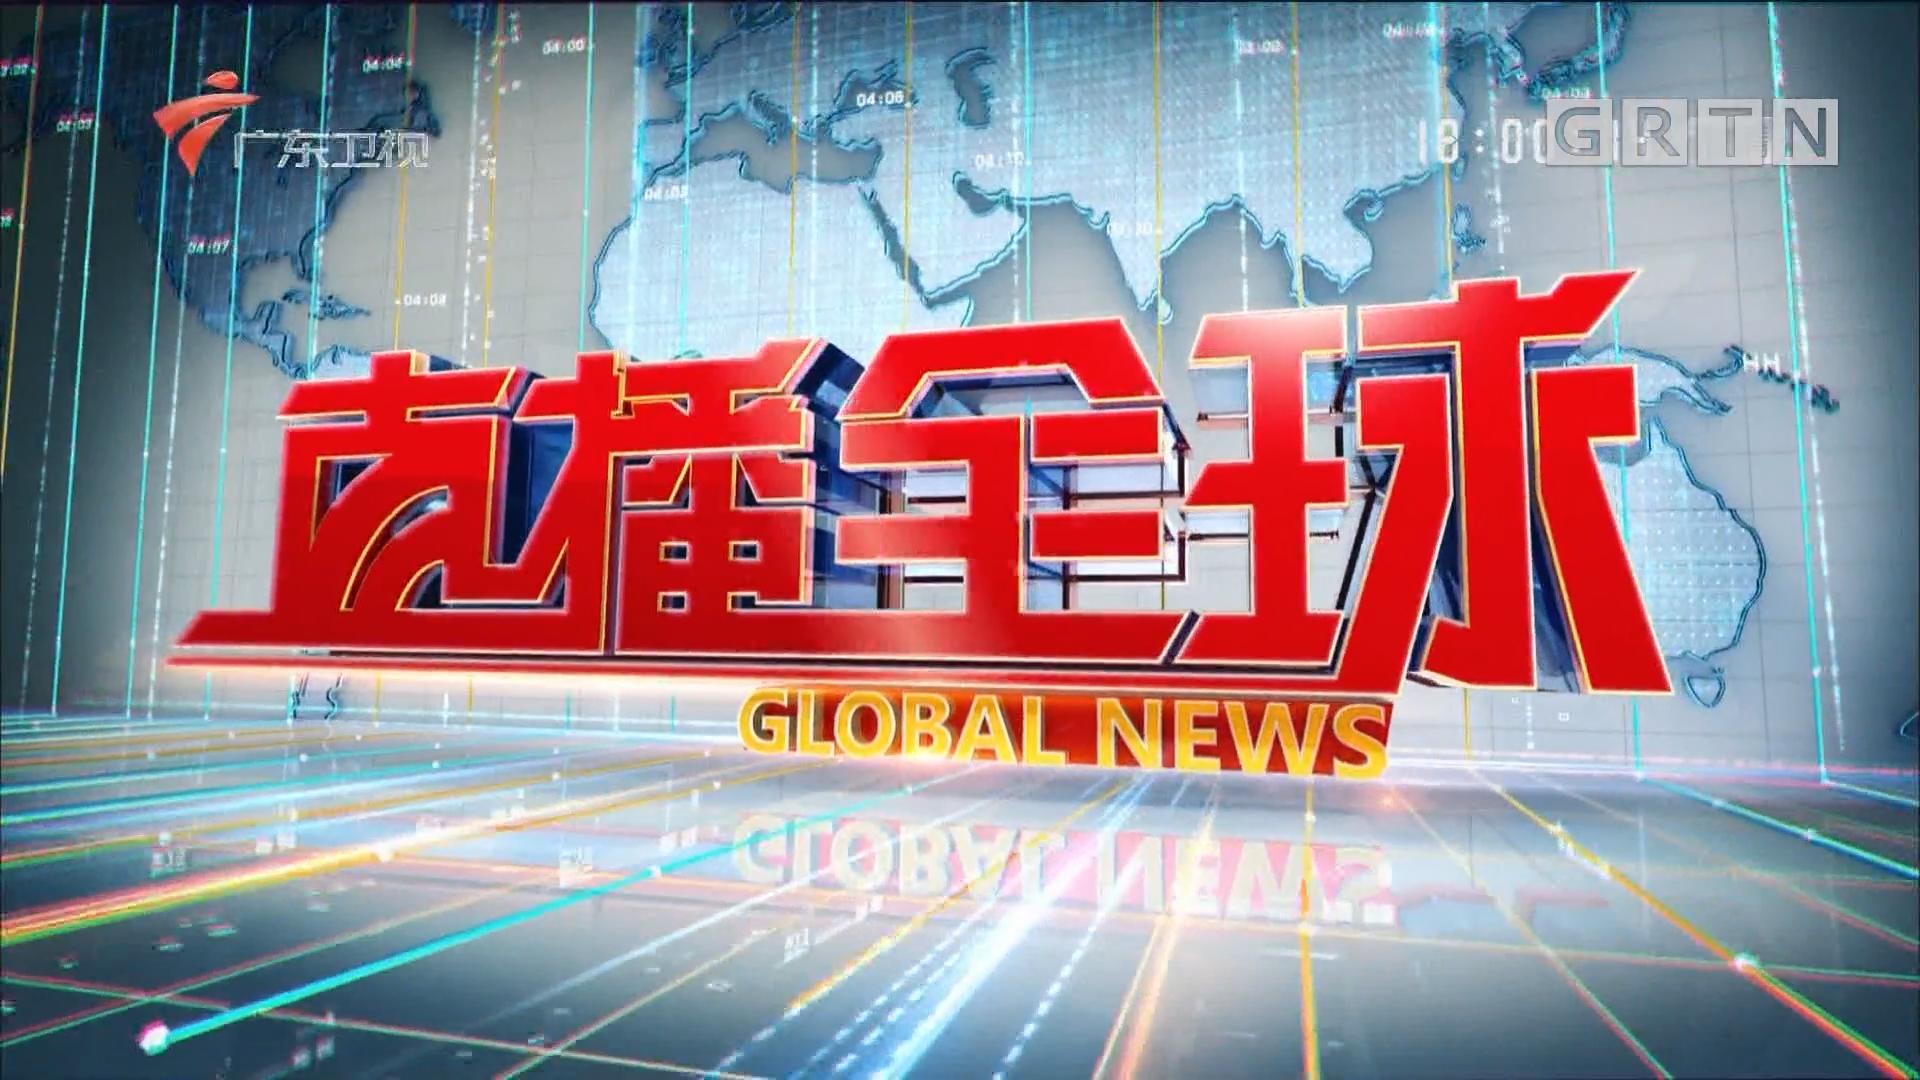 [HD][2018-11-01]直播全球:朝韩今起停止陆海空敌对行动:在军事分界线上空 设置针对所有机种的禁飞区